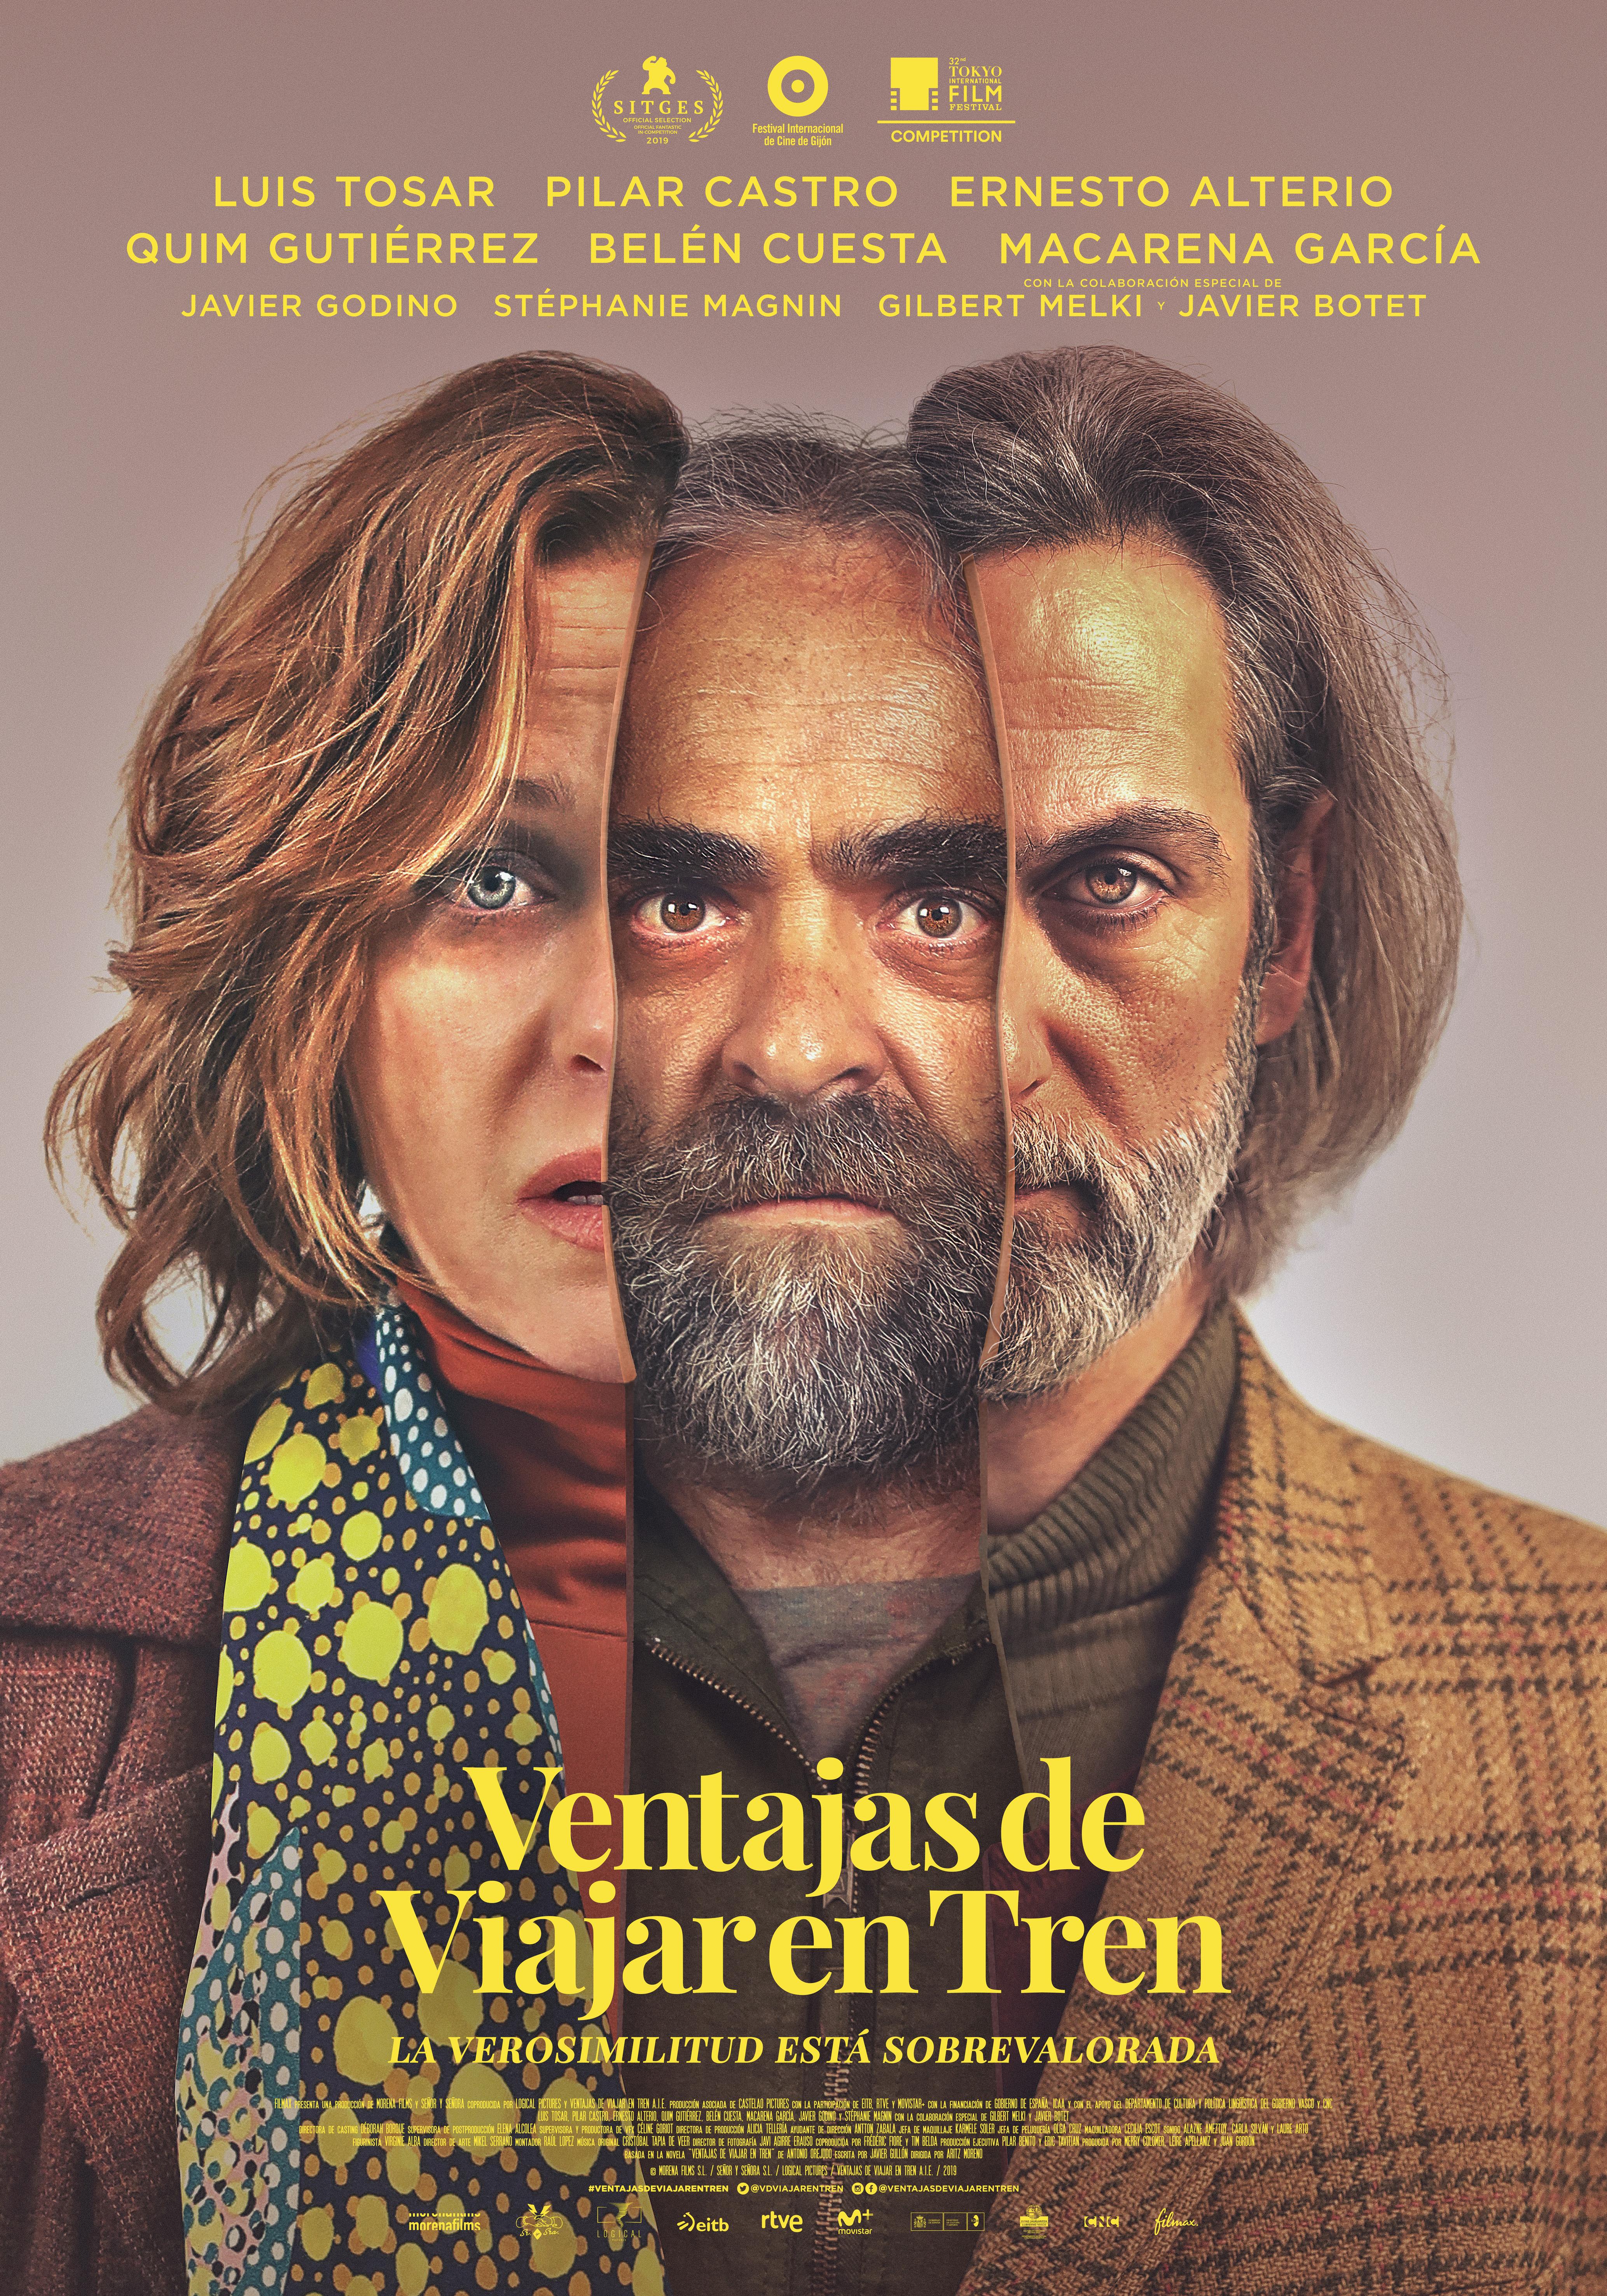 cine español, Festival de Sitges, Filmax, Proximamente, Sitges 2019, trailer, Ventajas de viajar en tren